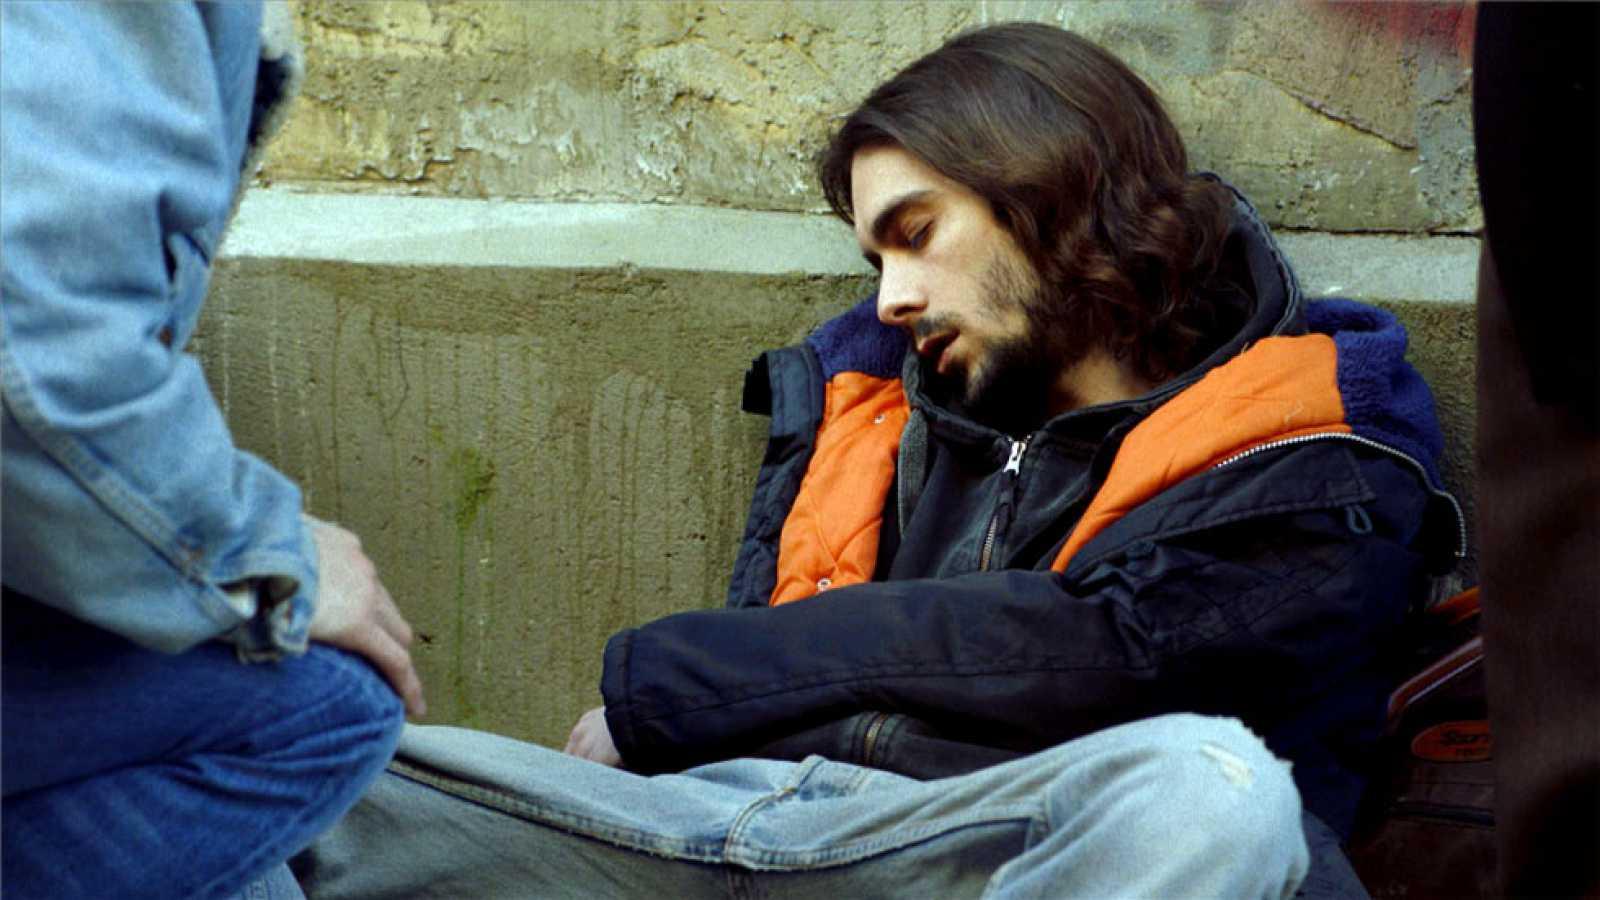 Cuéntame cómo pasó -La epidemia de la heroína azota San Genaro